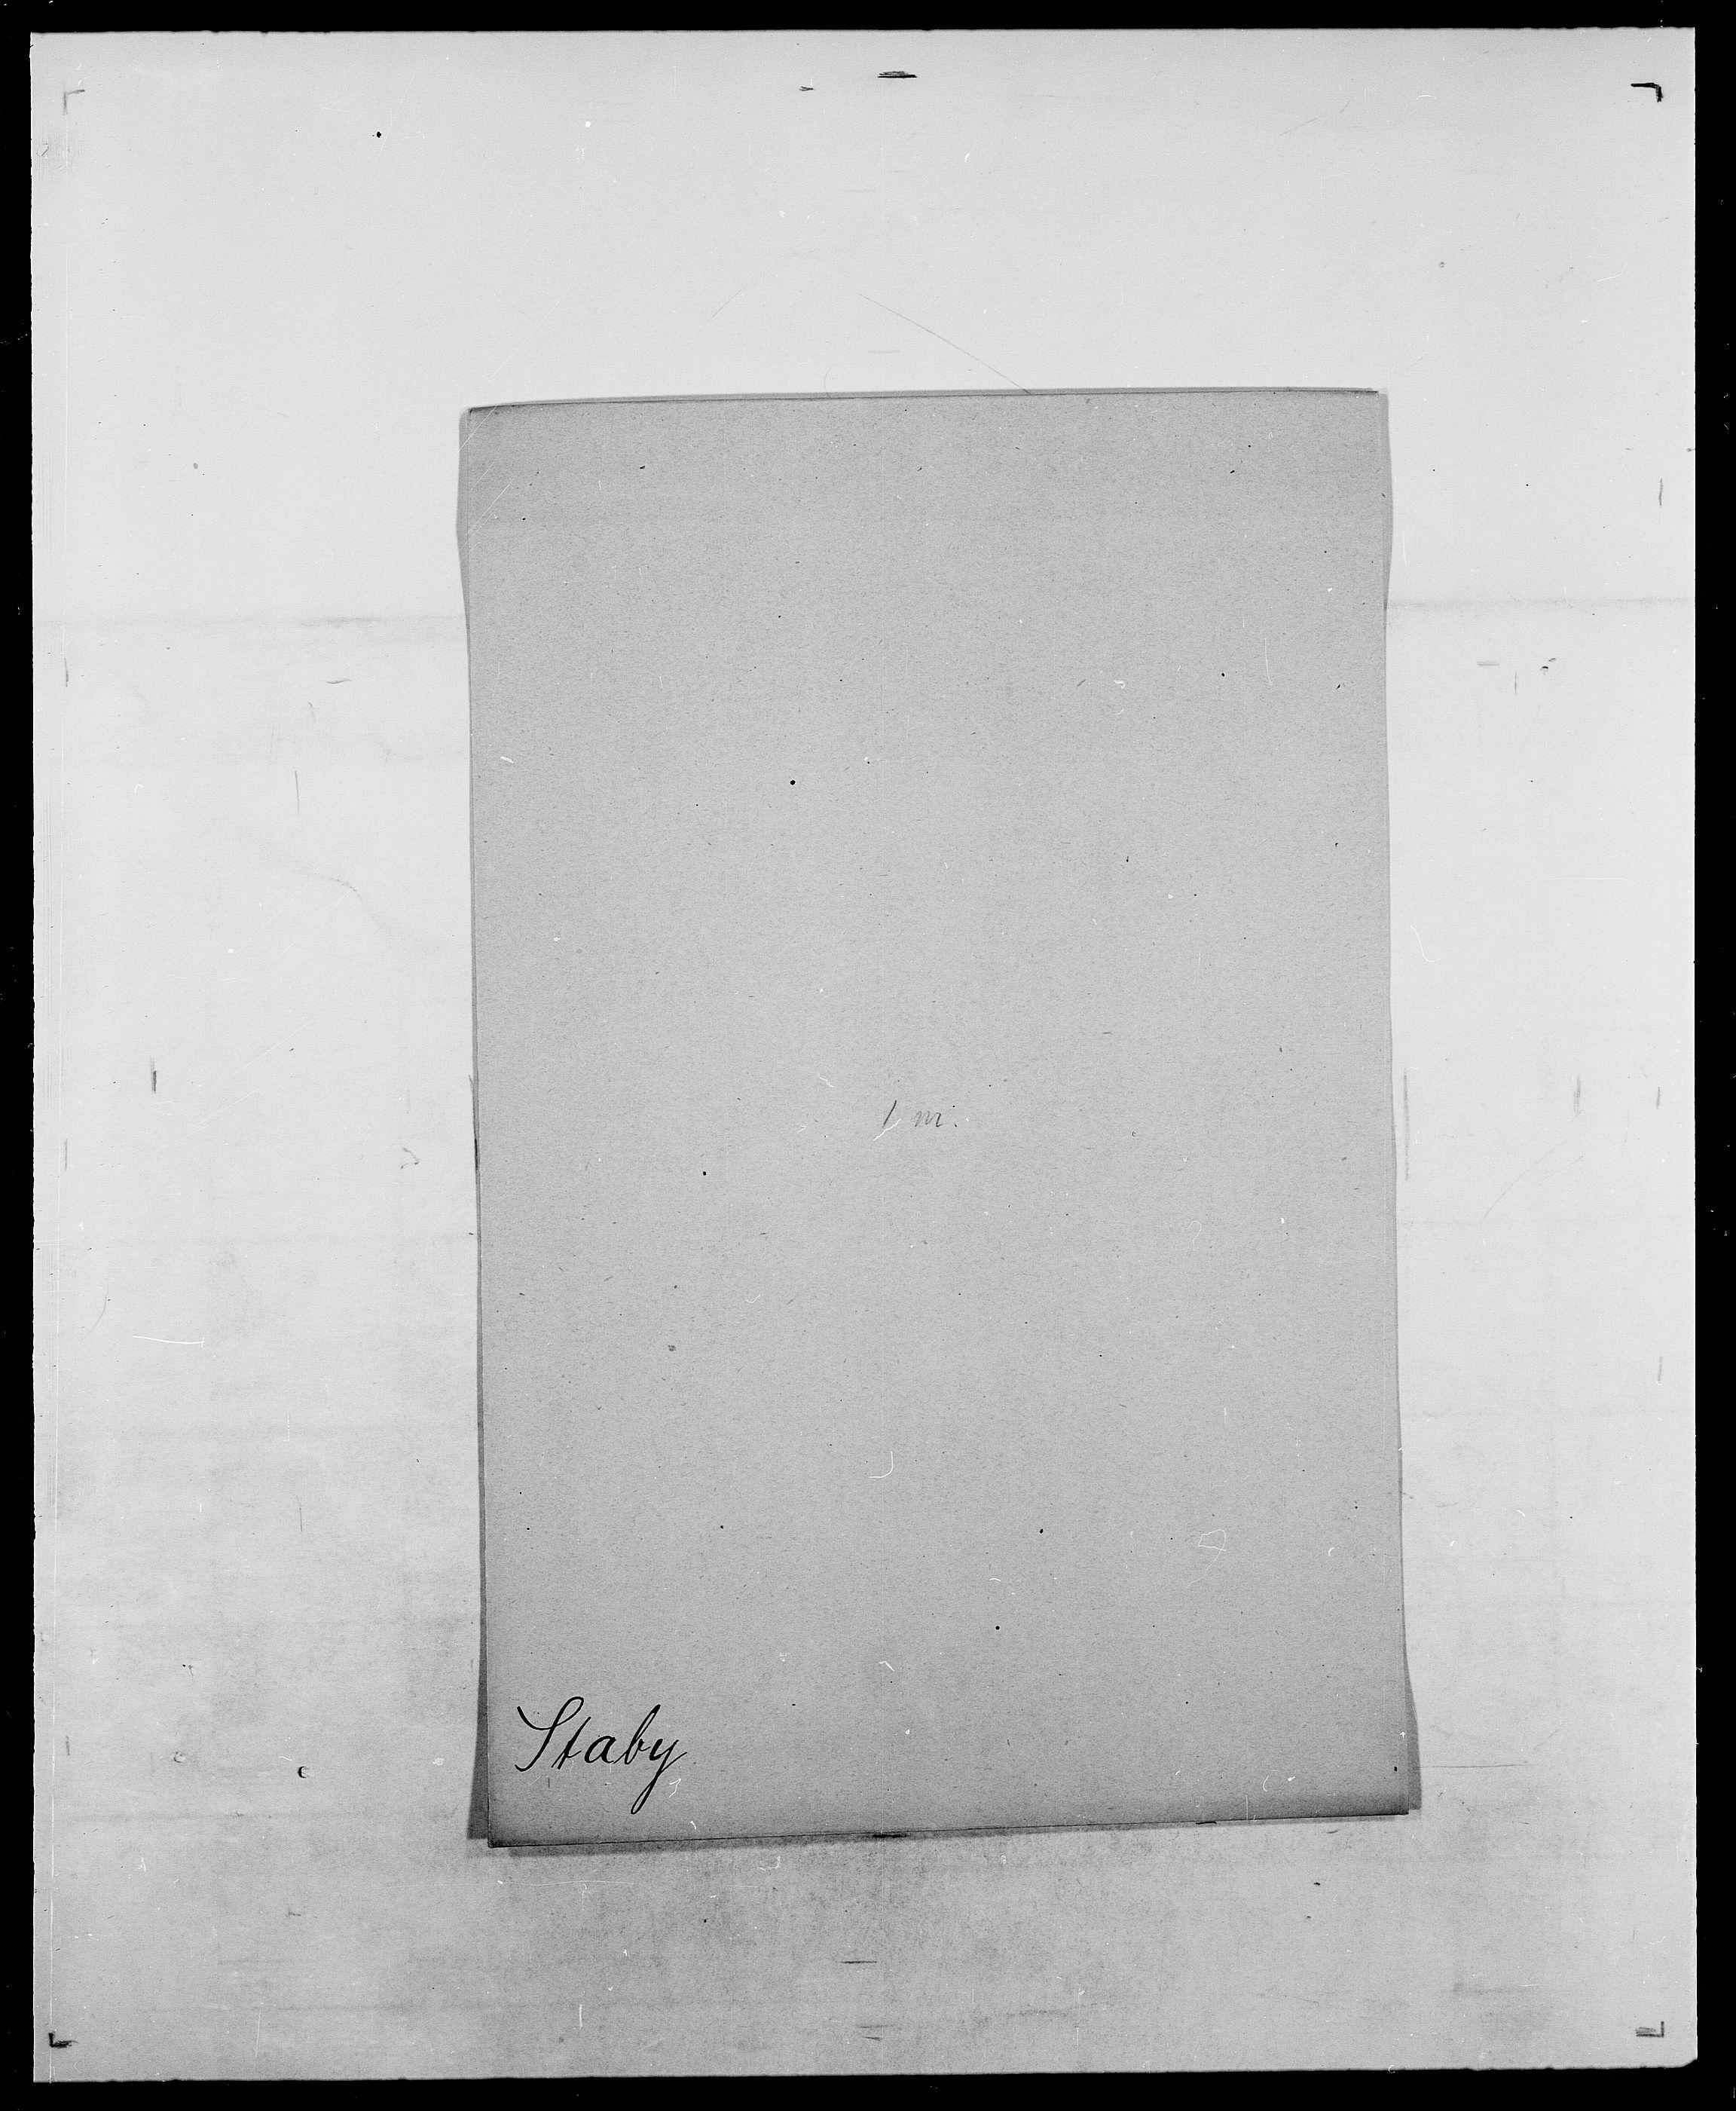 SAO, Delgobe, Charles Antoine - samling, D/Da/L0036: Skaanør - Staverskov, s. 914